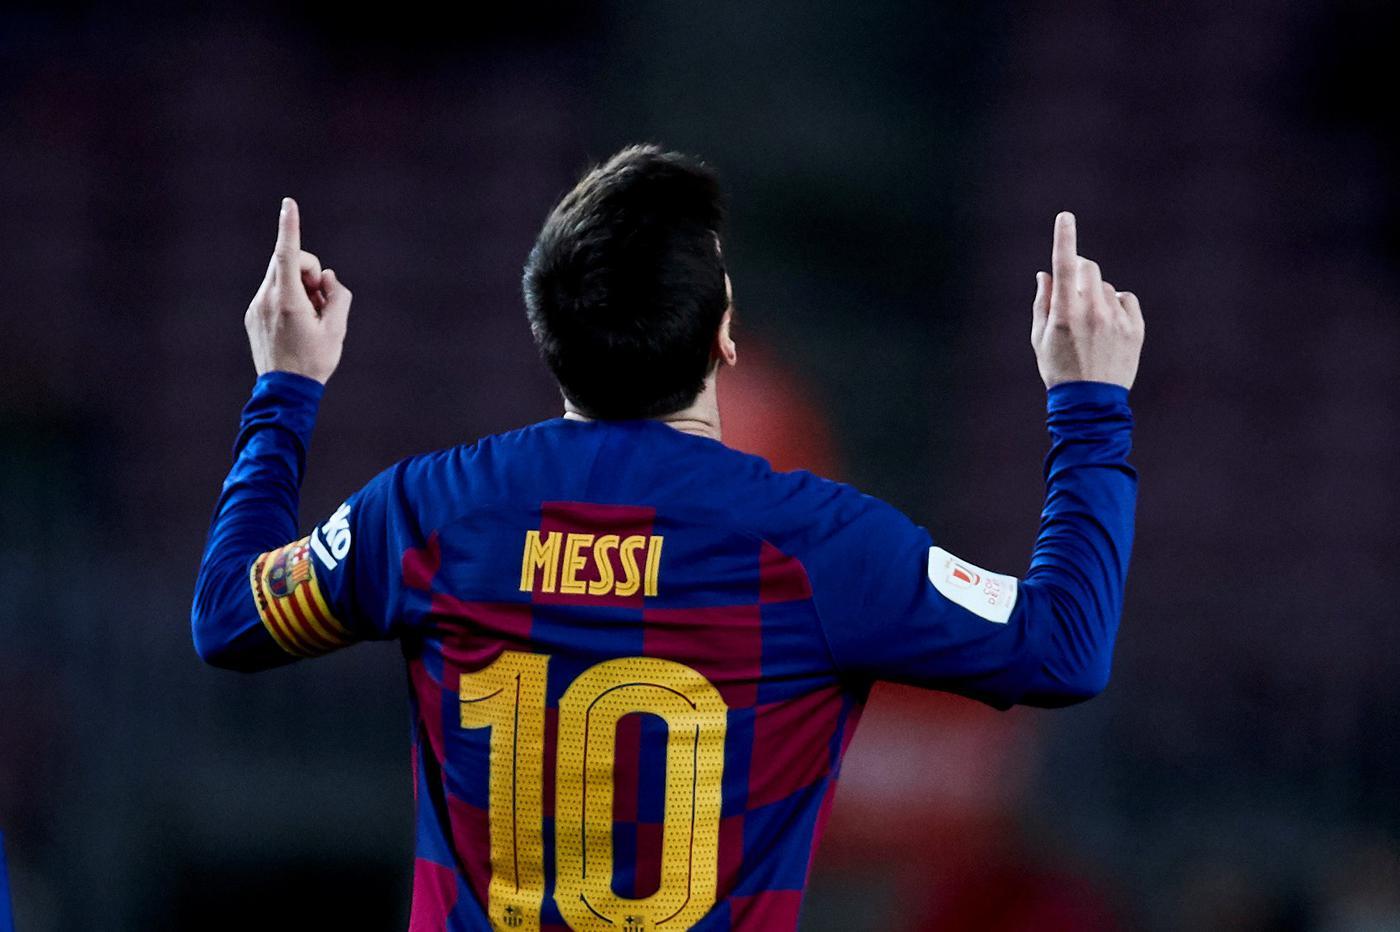 Месси объявил о снижении зарплат игроков «Барселоны» на 70% - фото